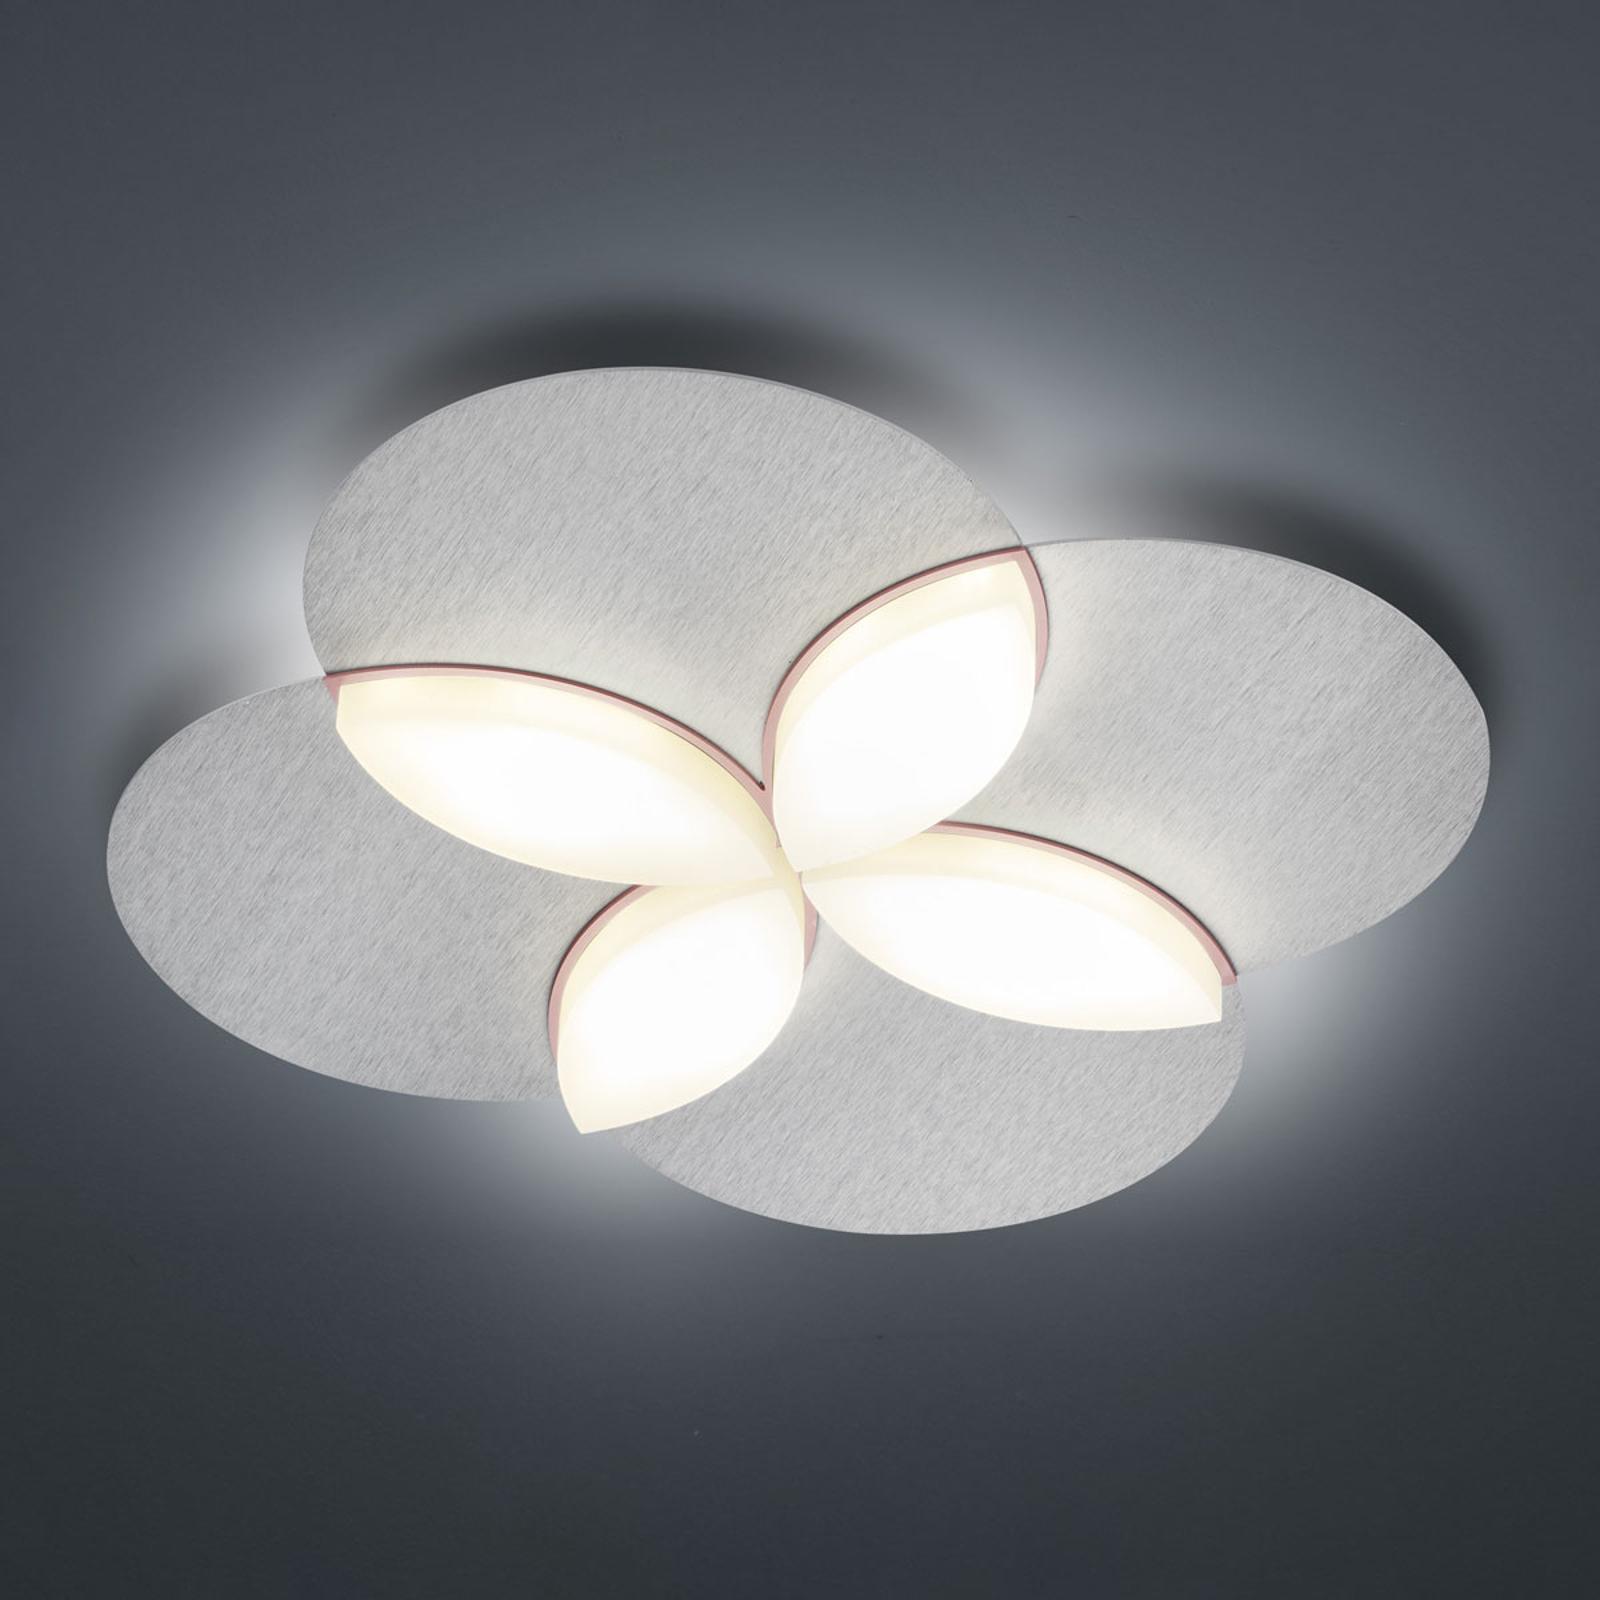 BANKAMP Spring LED-taklampe, sølv eloksert